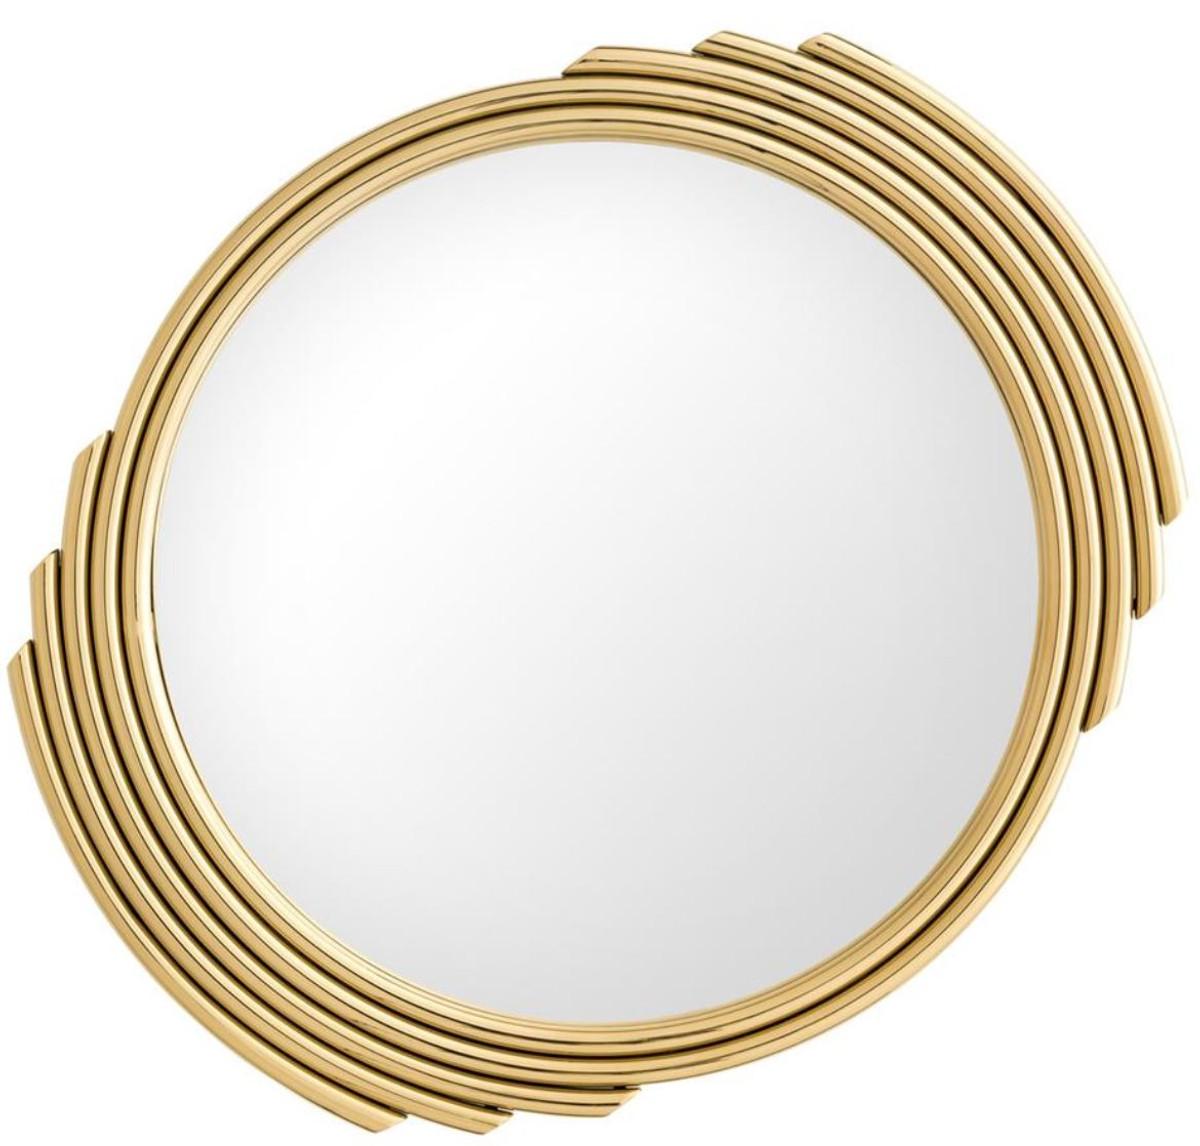 Casa Padrino Designer Edelstahl Spiegel Gold Ø 6 cm - Luxus Wohnzimmer  Wandspiegel